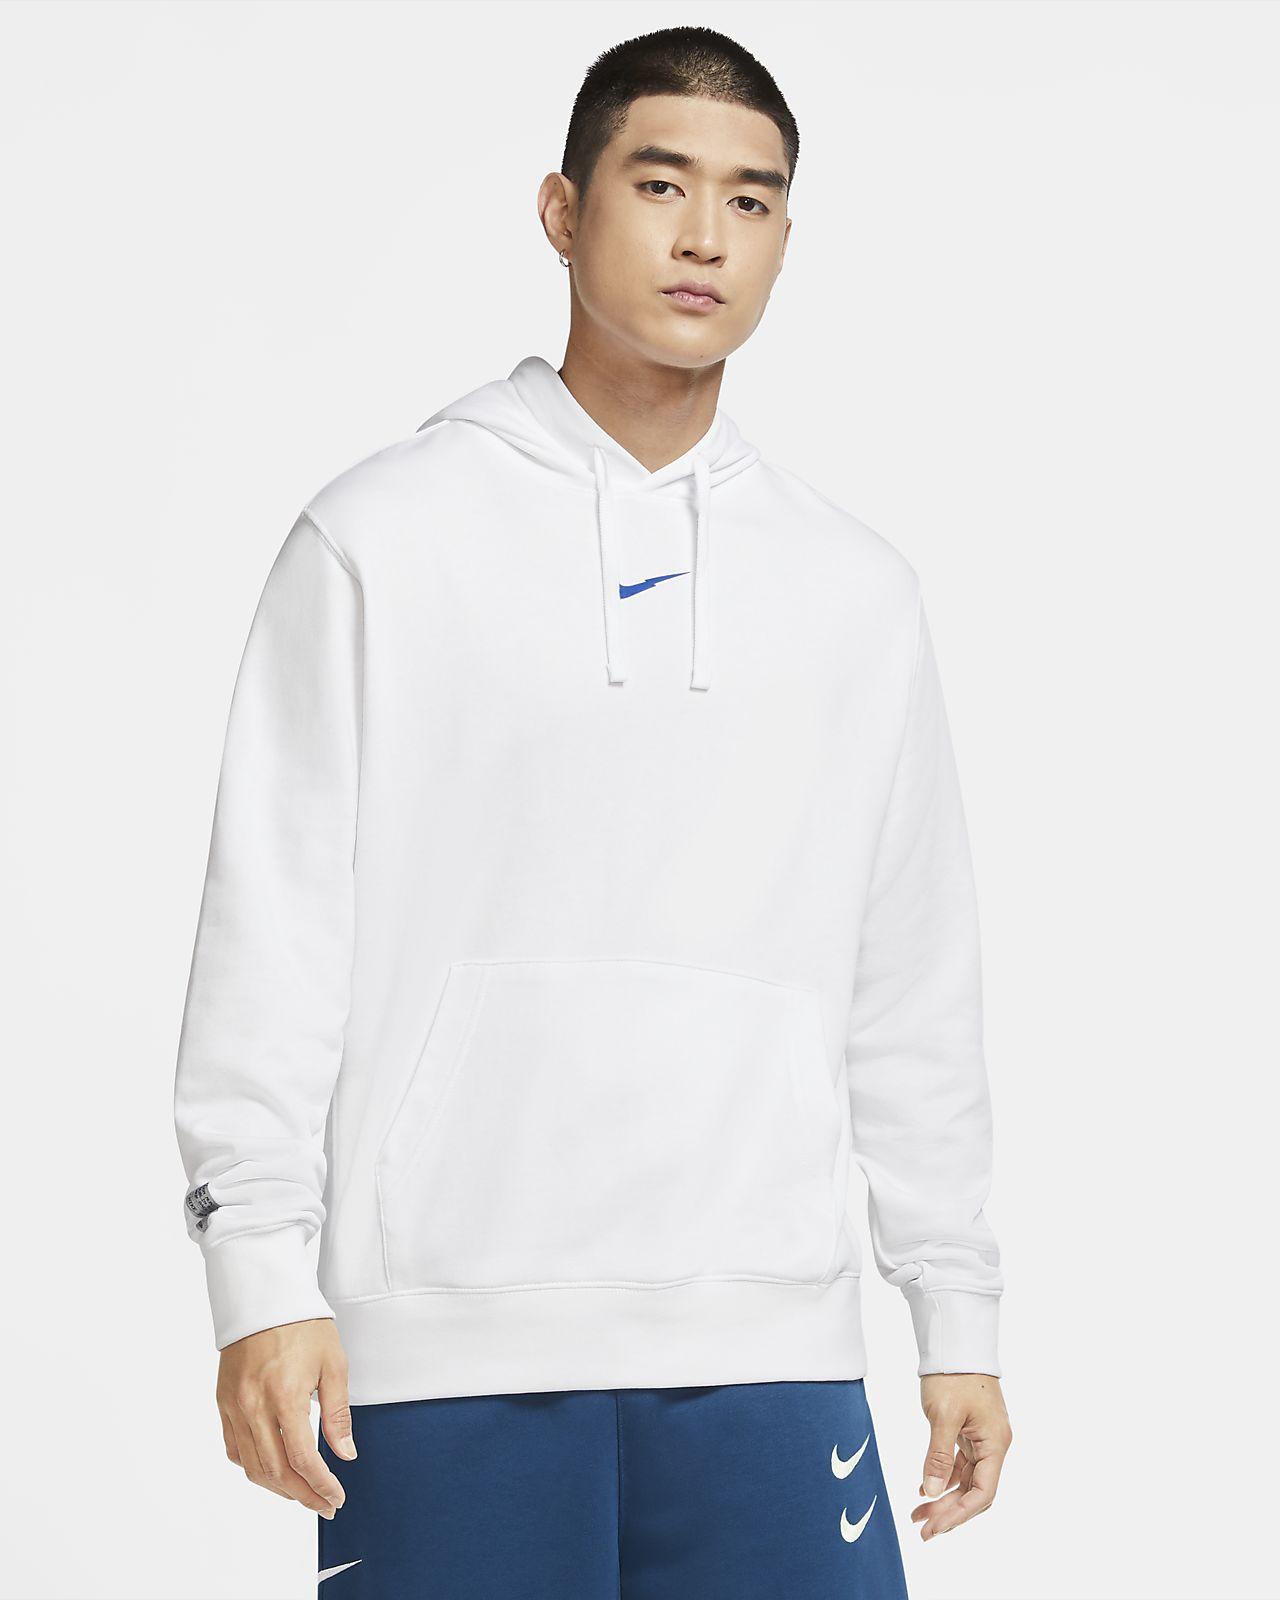 Ανδρική μπλούζα με κουκούλα από ύφασμα French Terry Nike Sportswear